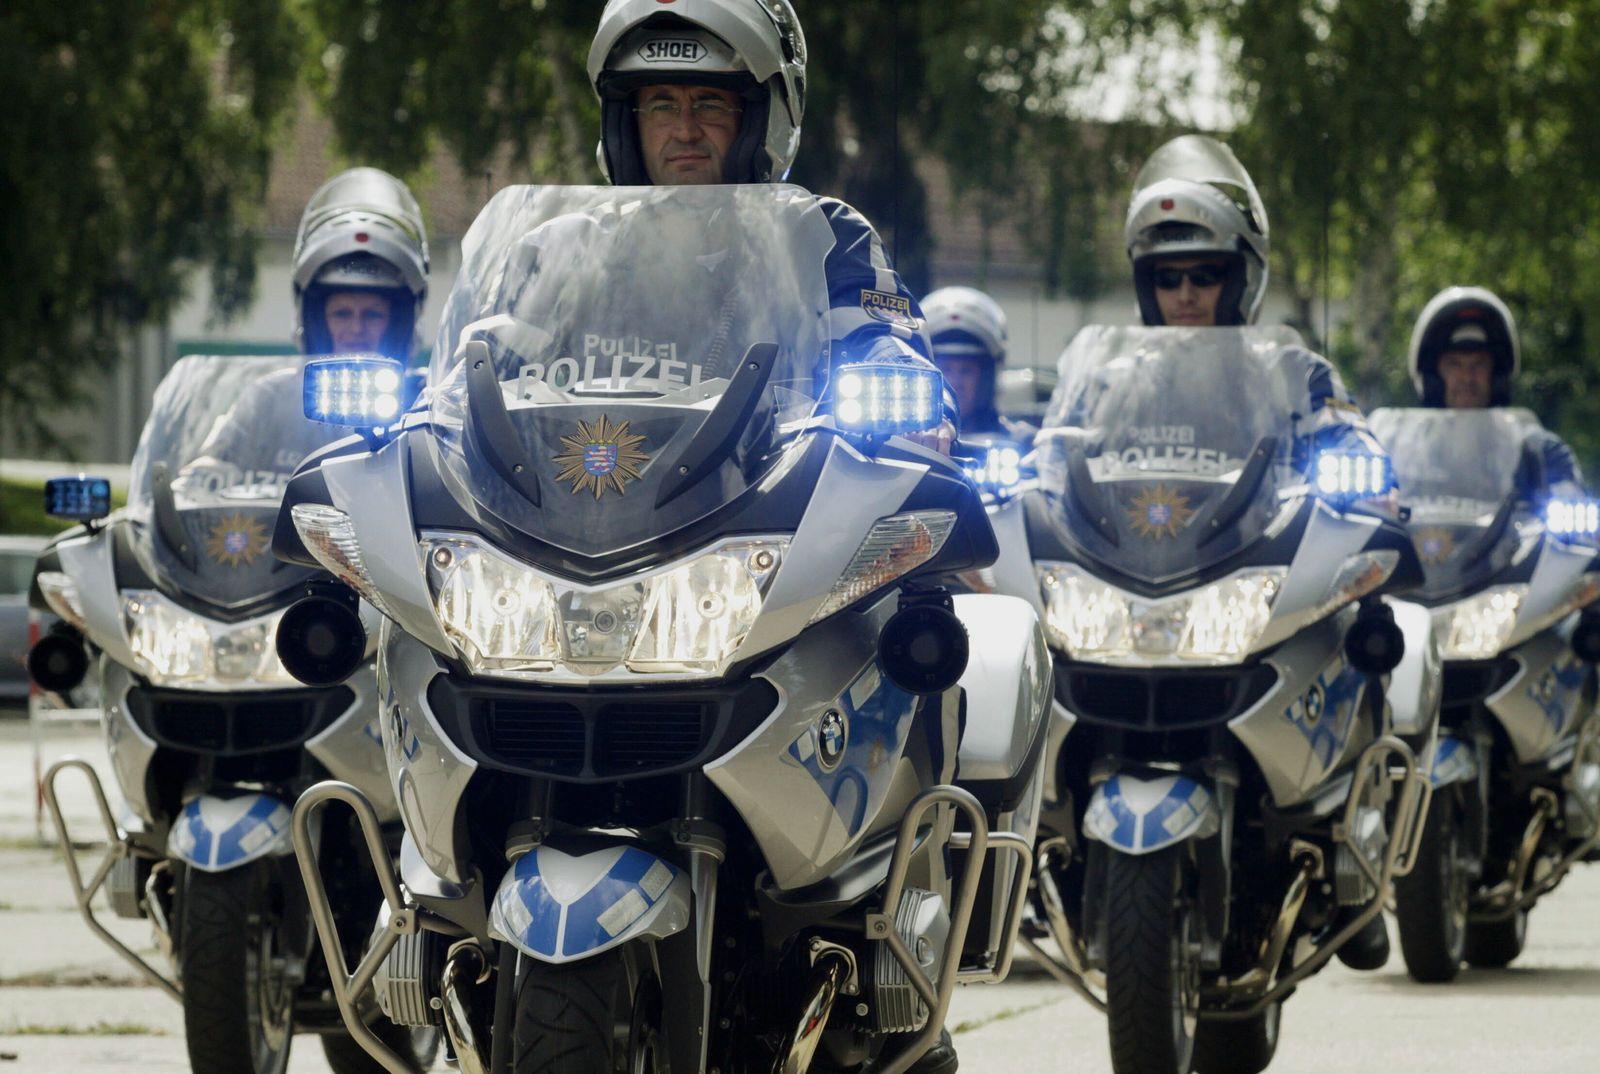 NICHT VERWENDEN Hessische Polizei bekommt neue Motorräder